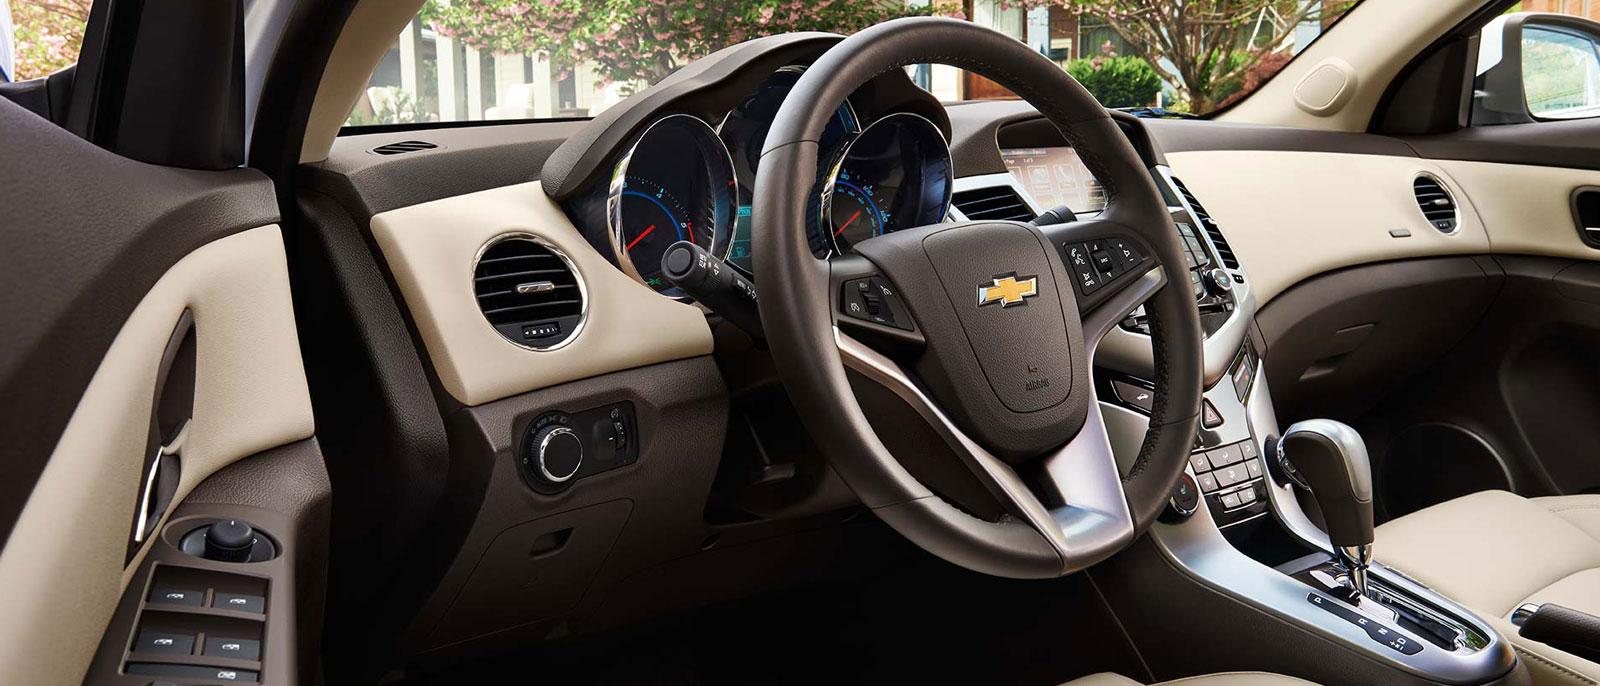 2015 Chevy Cruze interior